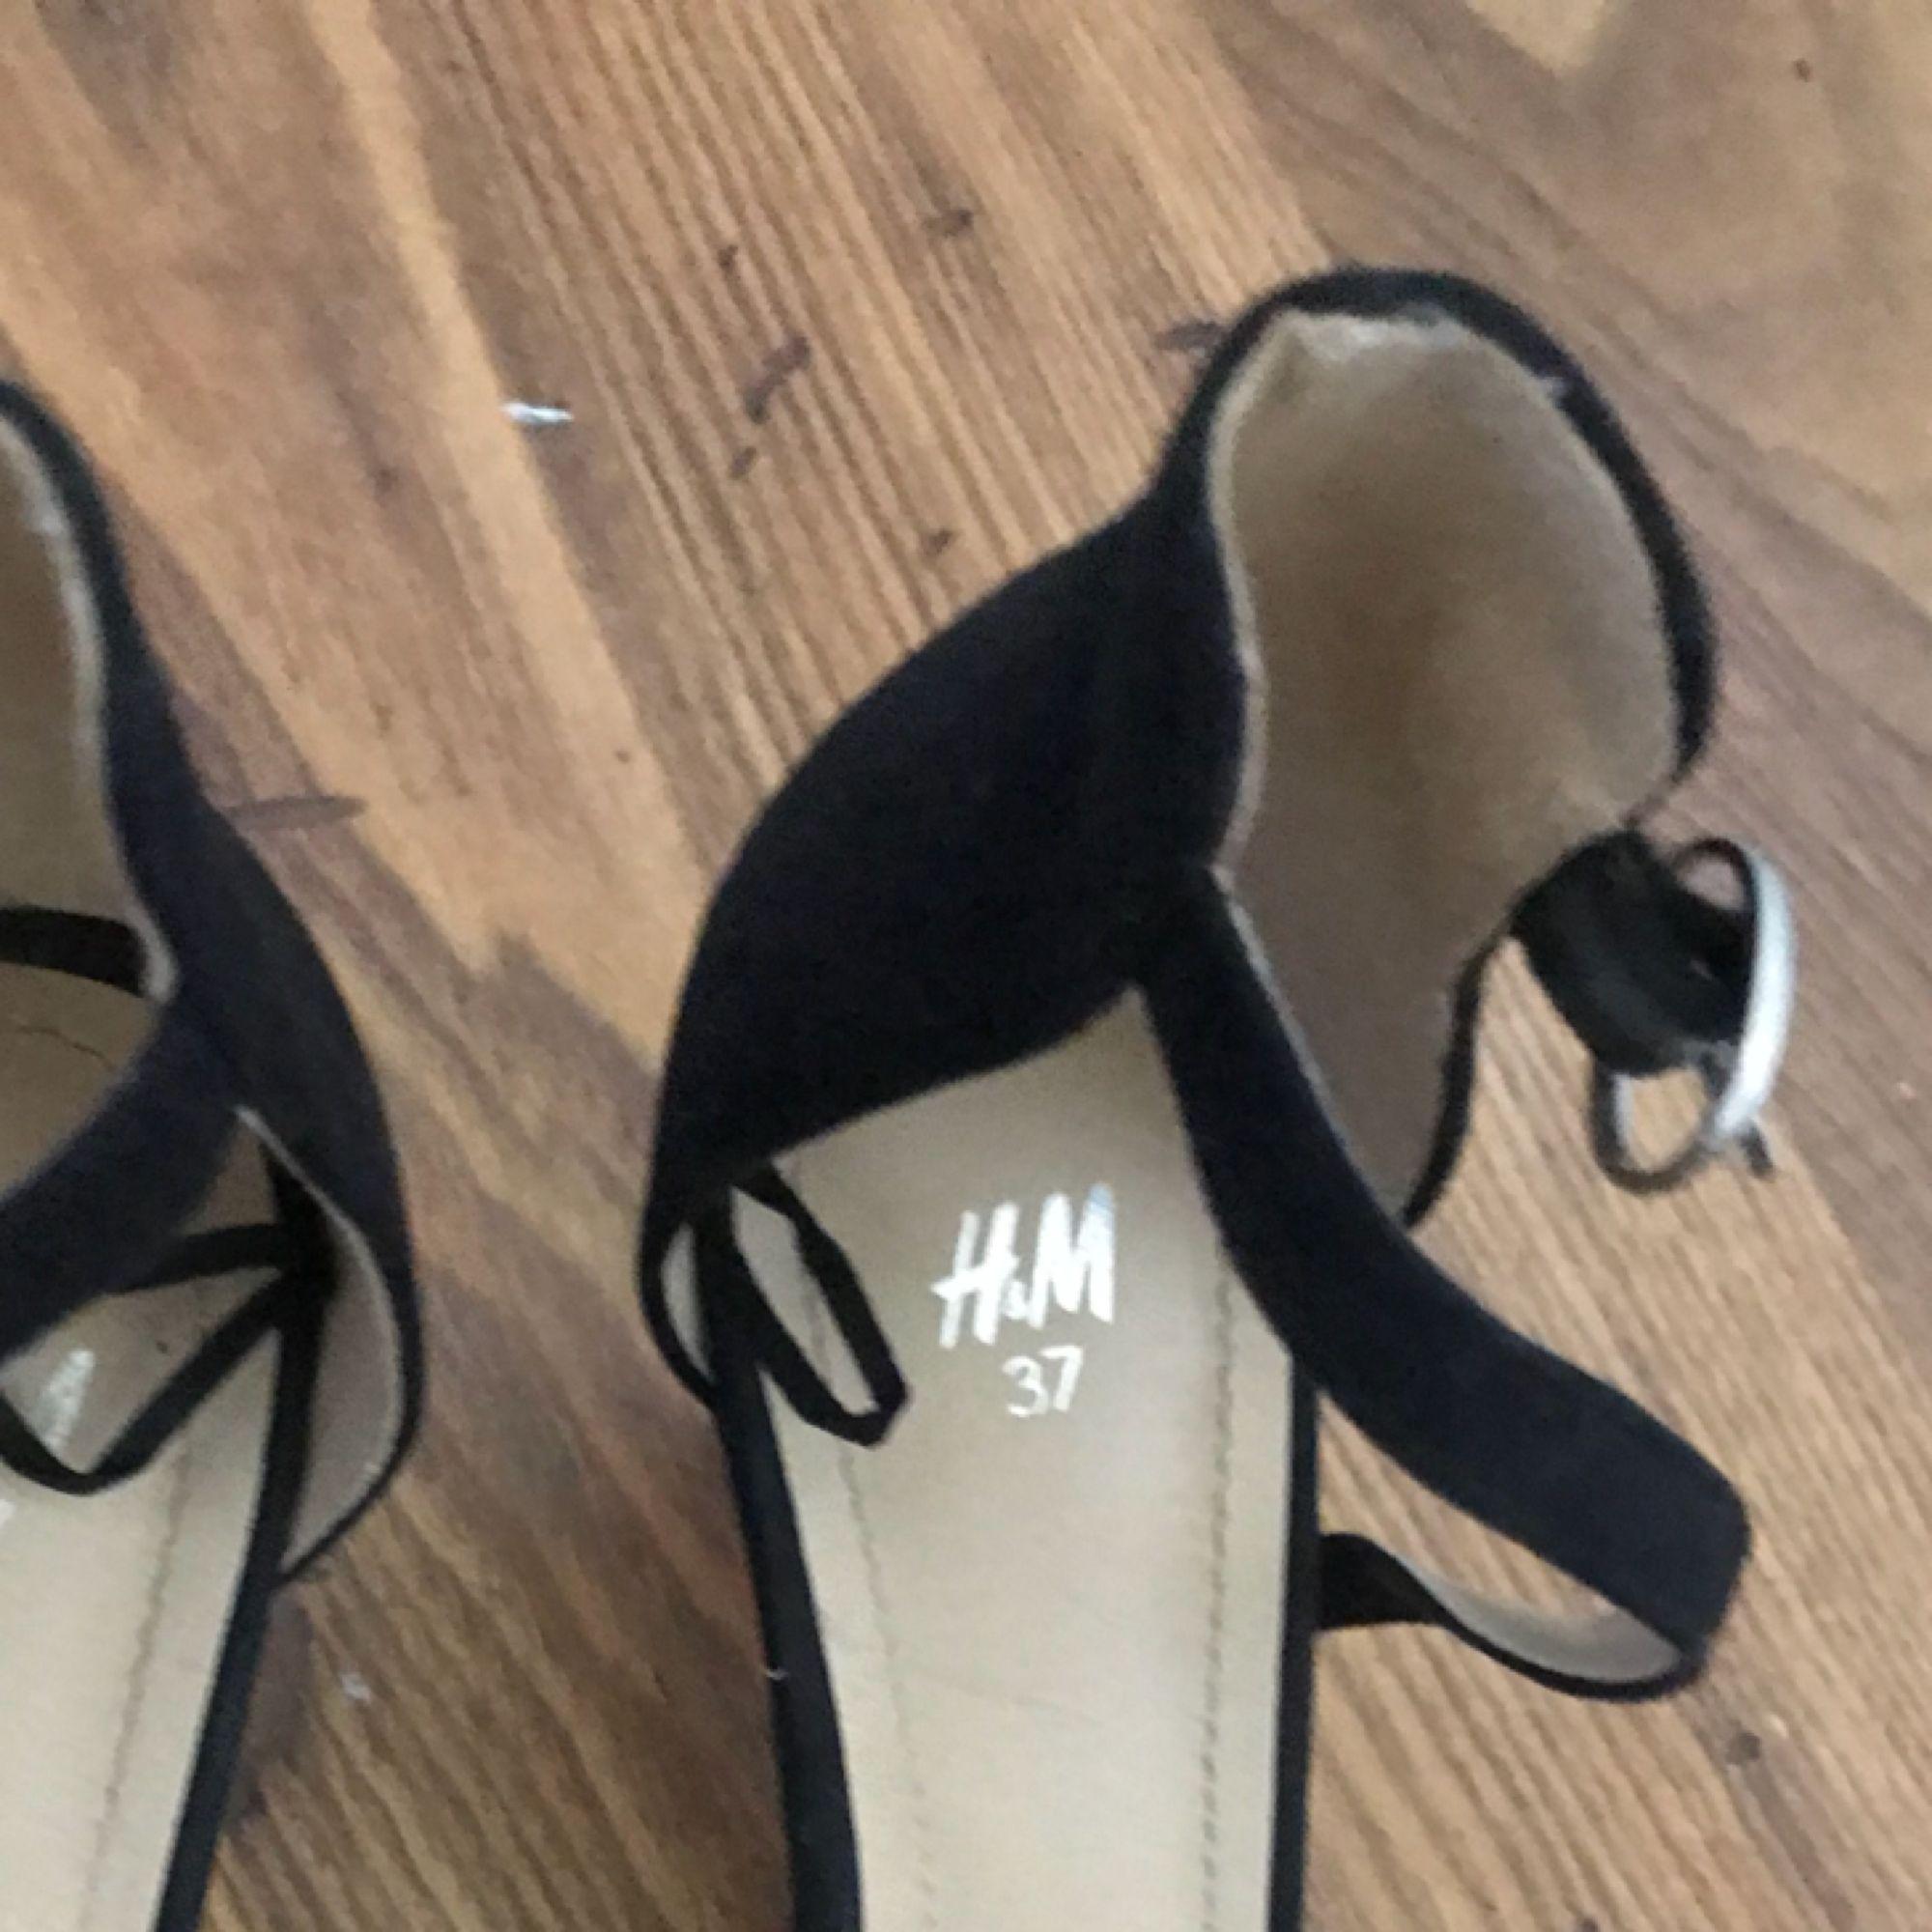 Svarta skor i stl 37 från H&M. Klackhöjd 6cm! Priset är inkluderat med frakt. . Skor.